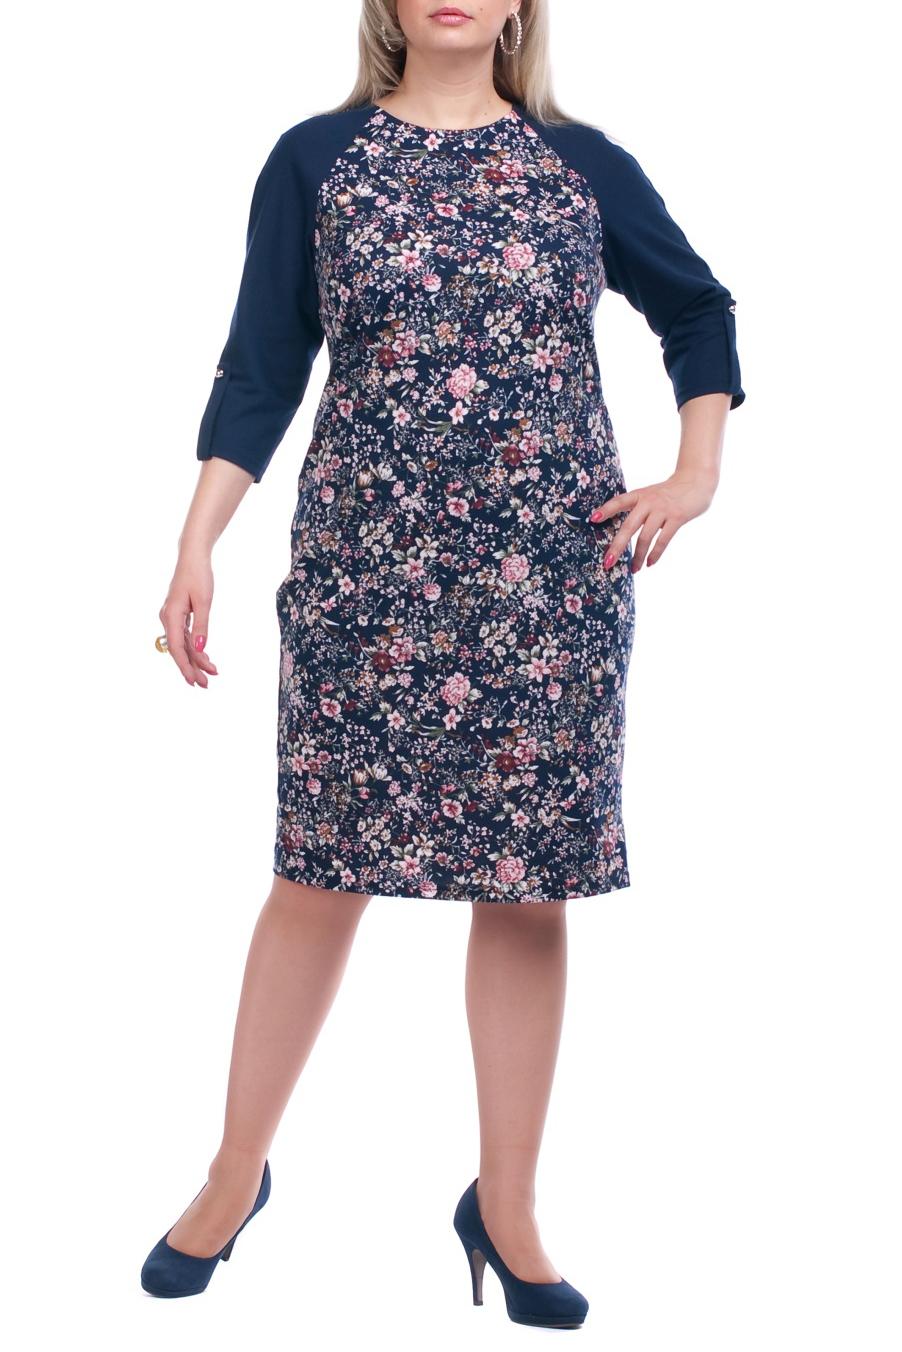 ПлатьеПлатья<br>Повседневное платье с круглой горловиной и рукавами 3/4. Модель выполнена из плотного трикотажа. Отличный выбор для повседневного гардероба.  Цвет: синий, розовый  Рост девушки-фотомодели 173 см.<br><br>Горловина: С- горловина<br>По длине: Ниже колена<br>По материалу: Вискоза,Трикотаж<br>По рисунку: Растительные мотивы,Цветные,Цветочные,С принтом<br>По сезону: Весна,Осень,Зима<br>По силуэту: Полуприталенные<br>По стилю: Повседневный стиль<br>По форме: Платье - футляр<br>По элементам: С патами,С карманами<br>Рукав: Рукав три четверти<br>Размер : 52,54,56,58,64,66,68,70<br>Материал: Трикотаж<br>Количество в наличии: 24